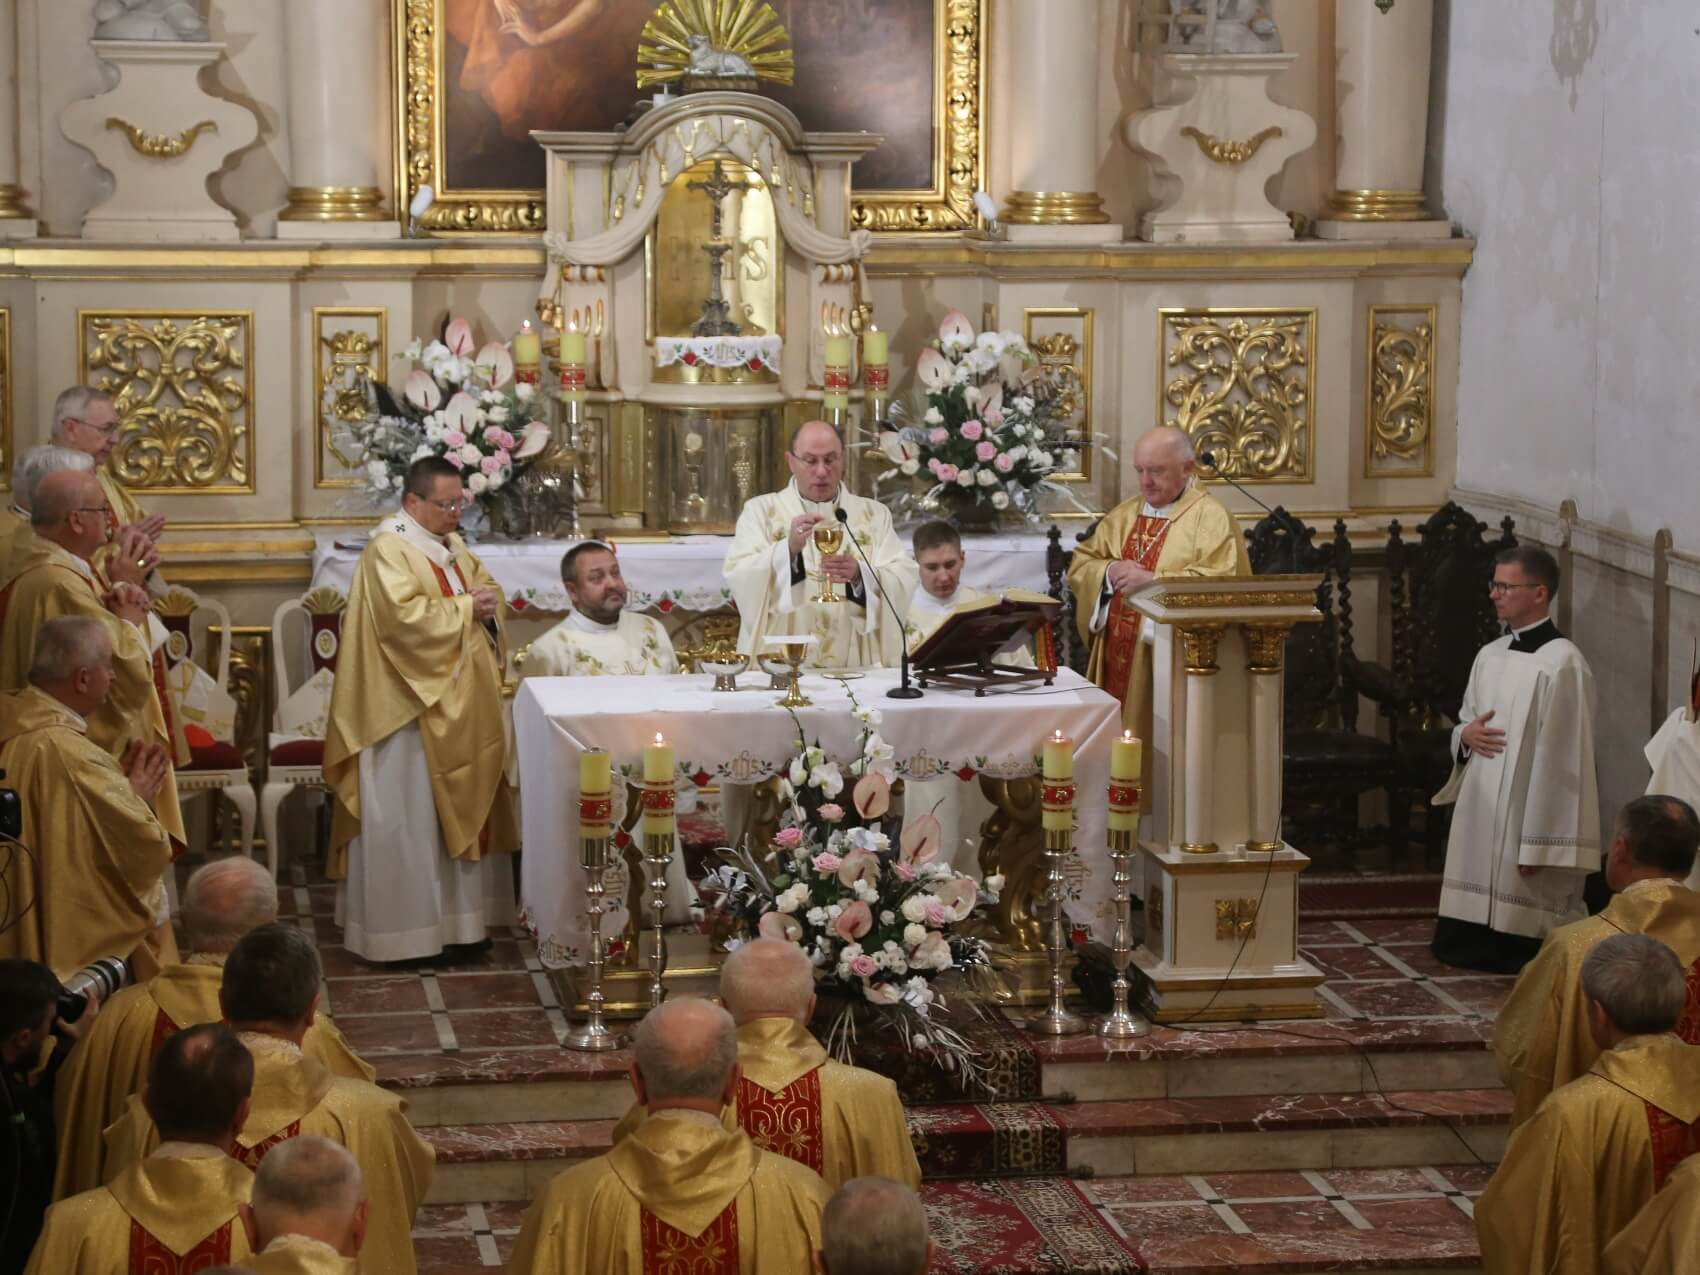 Biskupi podczas Mszy towarzyszącej obradom episkopatu w Pabianicach 6 października 2020